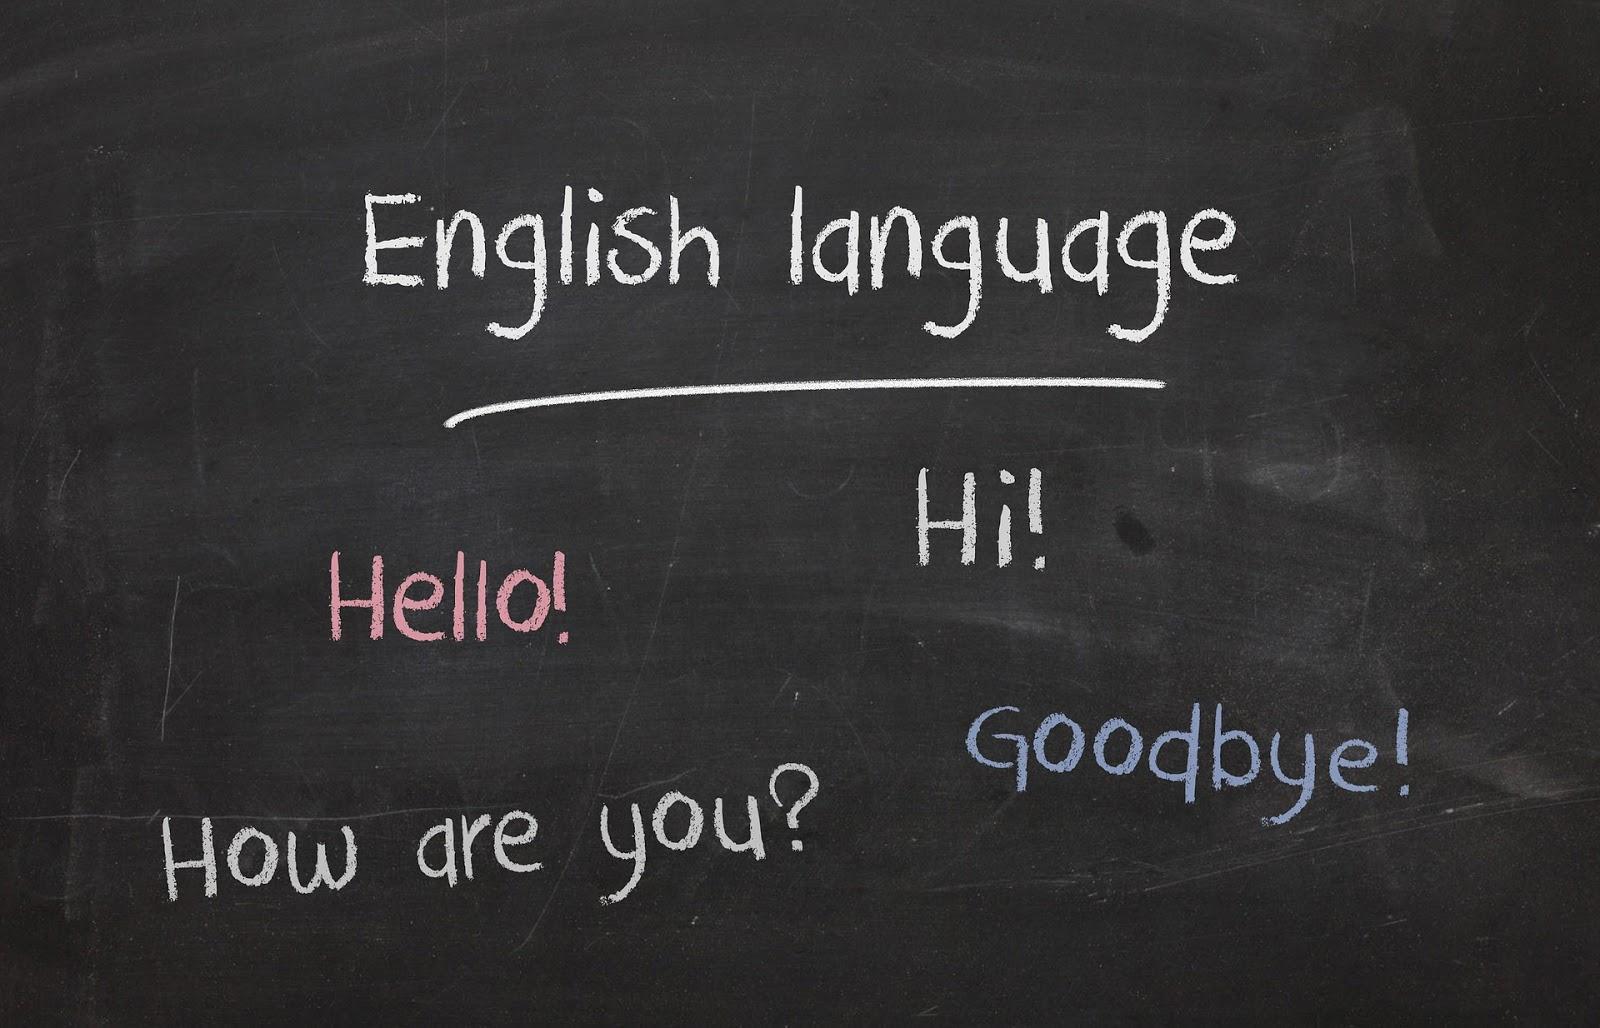 أفضل قنوات اليوتيوب لتعلم اللغة الانجليزية:  دروس لغوية ، محادثات و مصطلحات